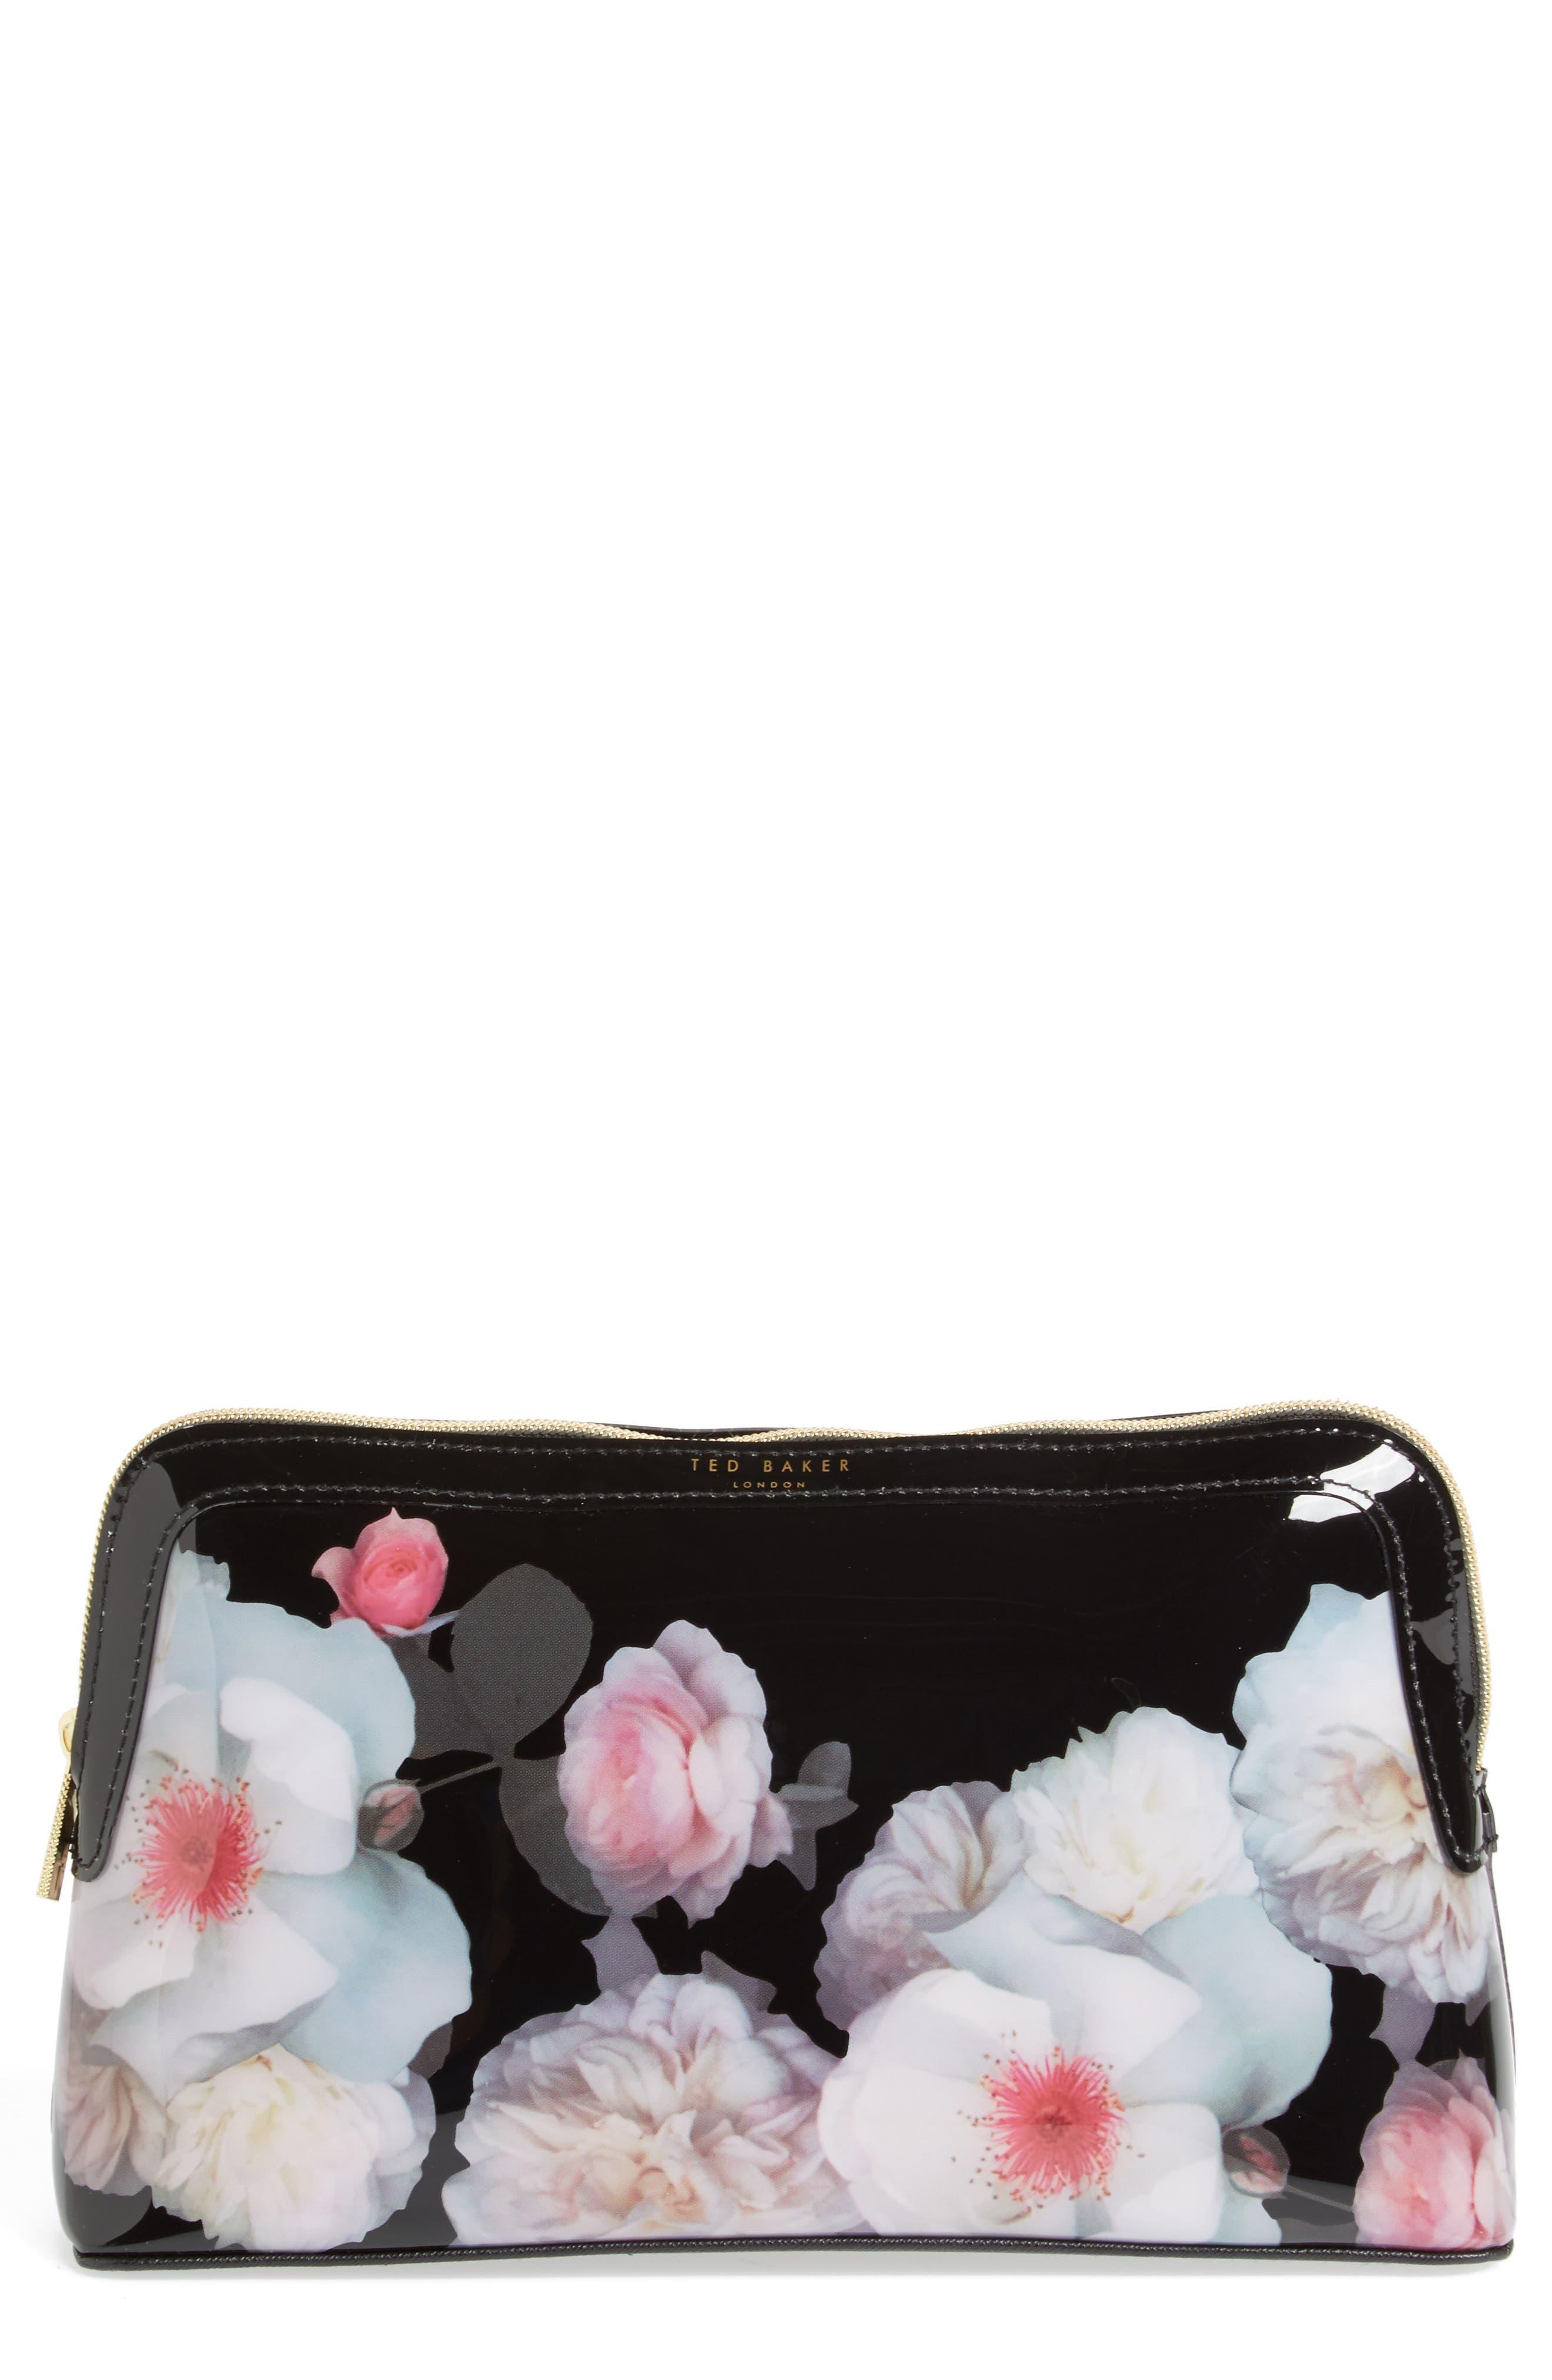 Ted Baker London Joeann Chelsea Wash Bag